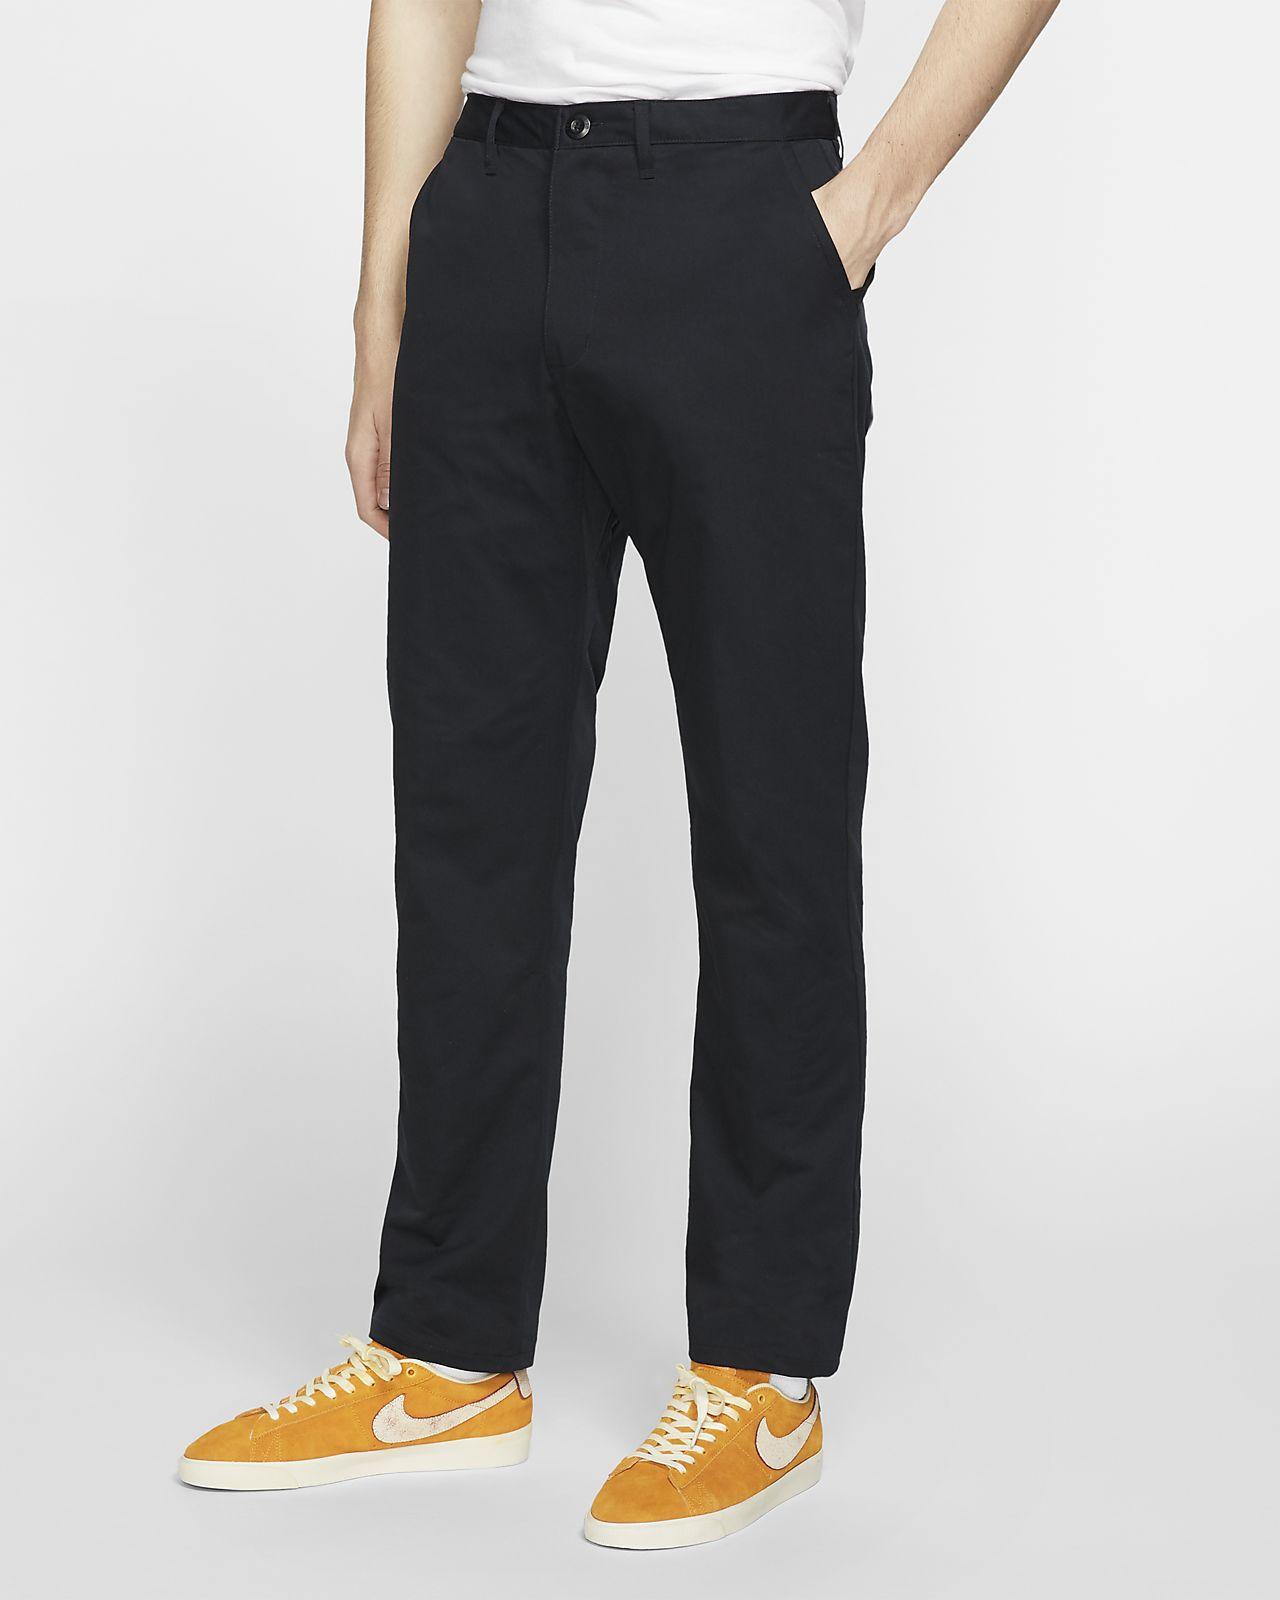 9b3c9379caea22 Nike SB Dri-FIT FTM Men's Standard Fit Pants. Nike.com